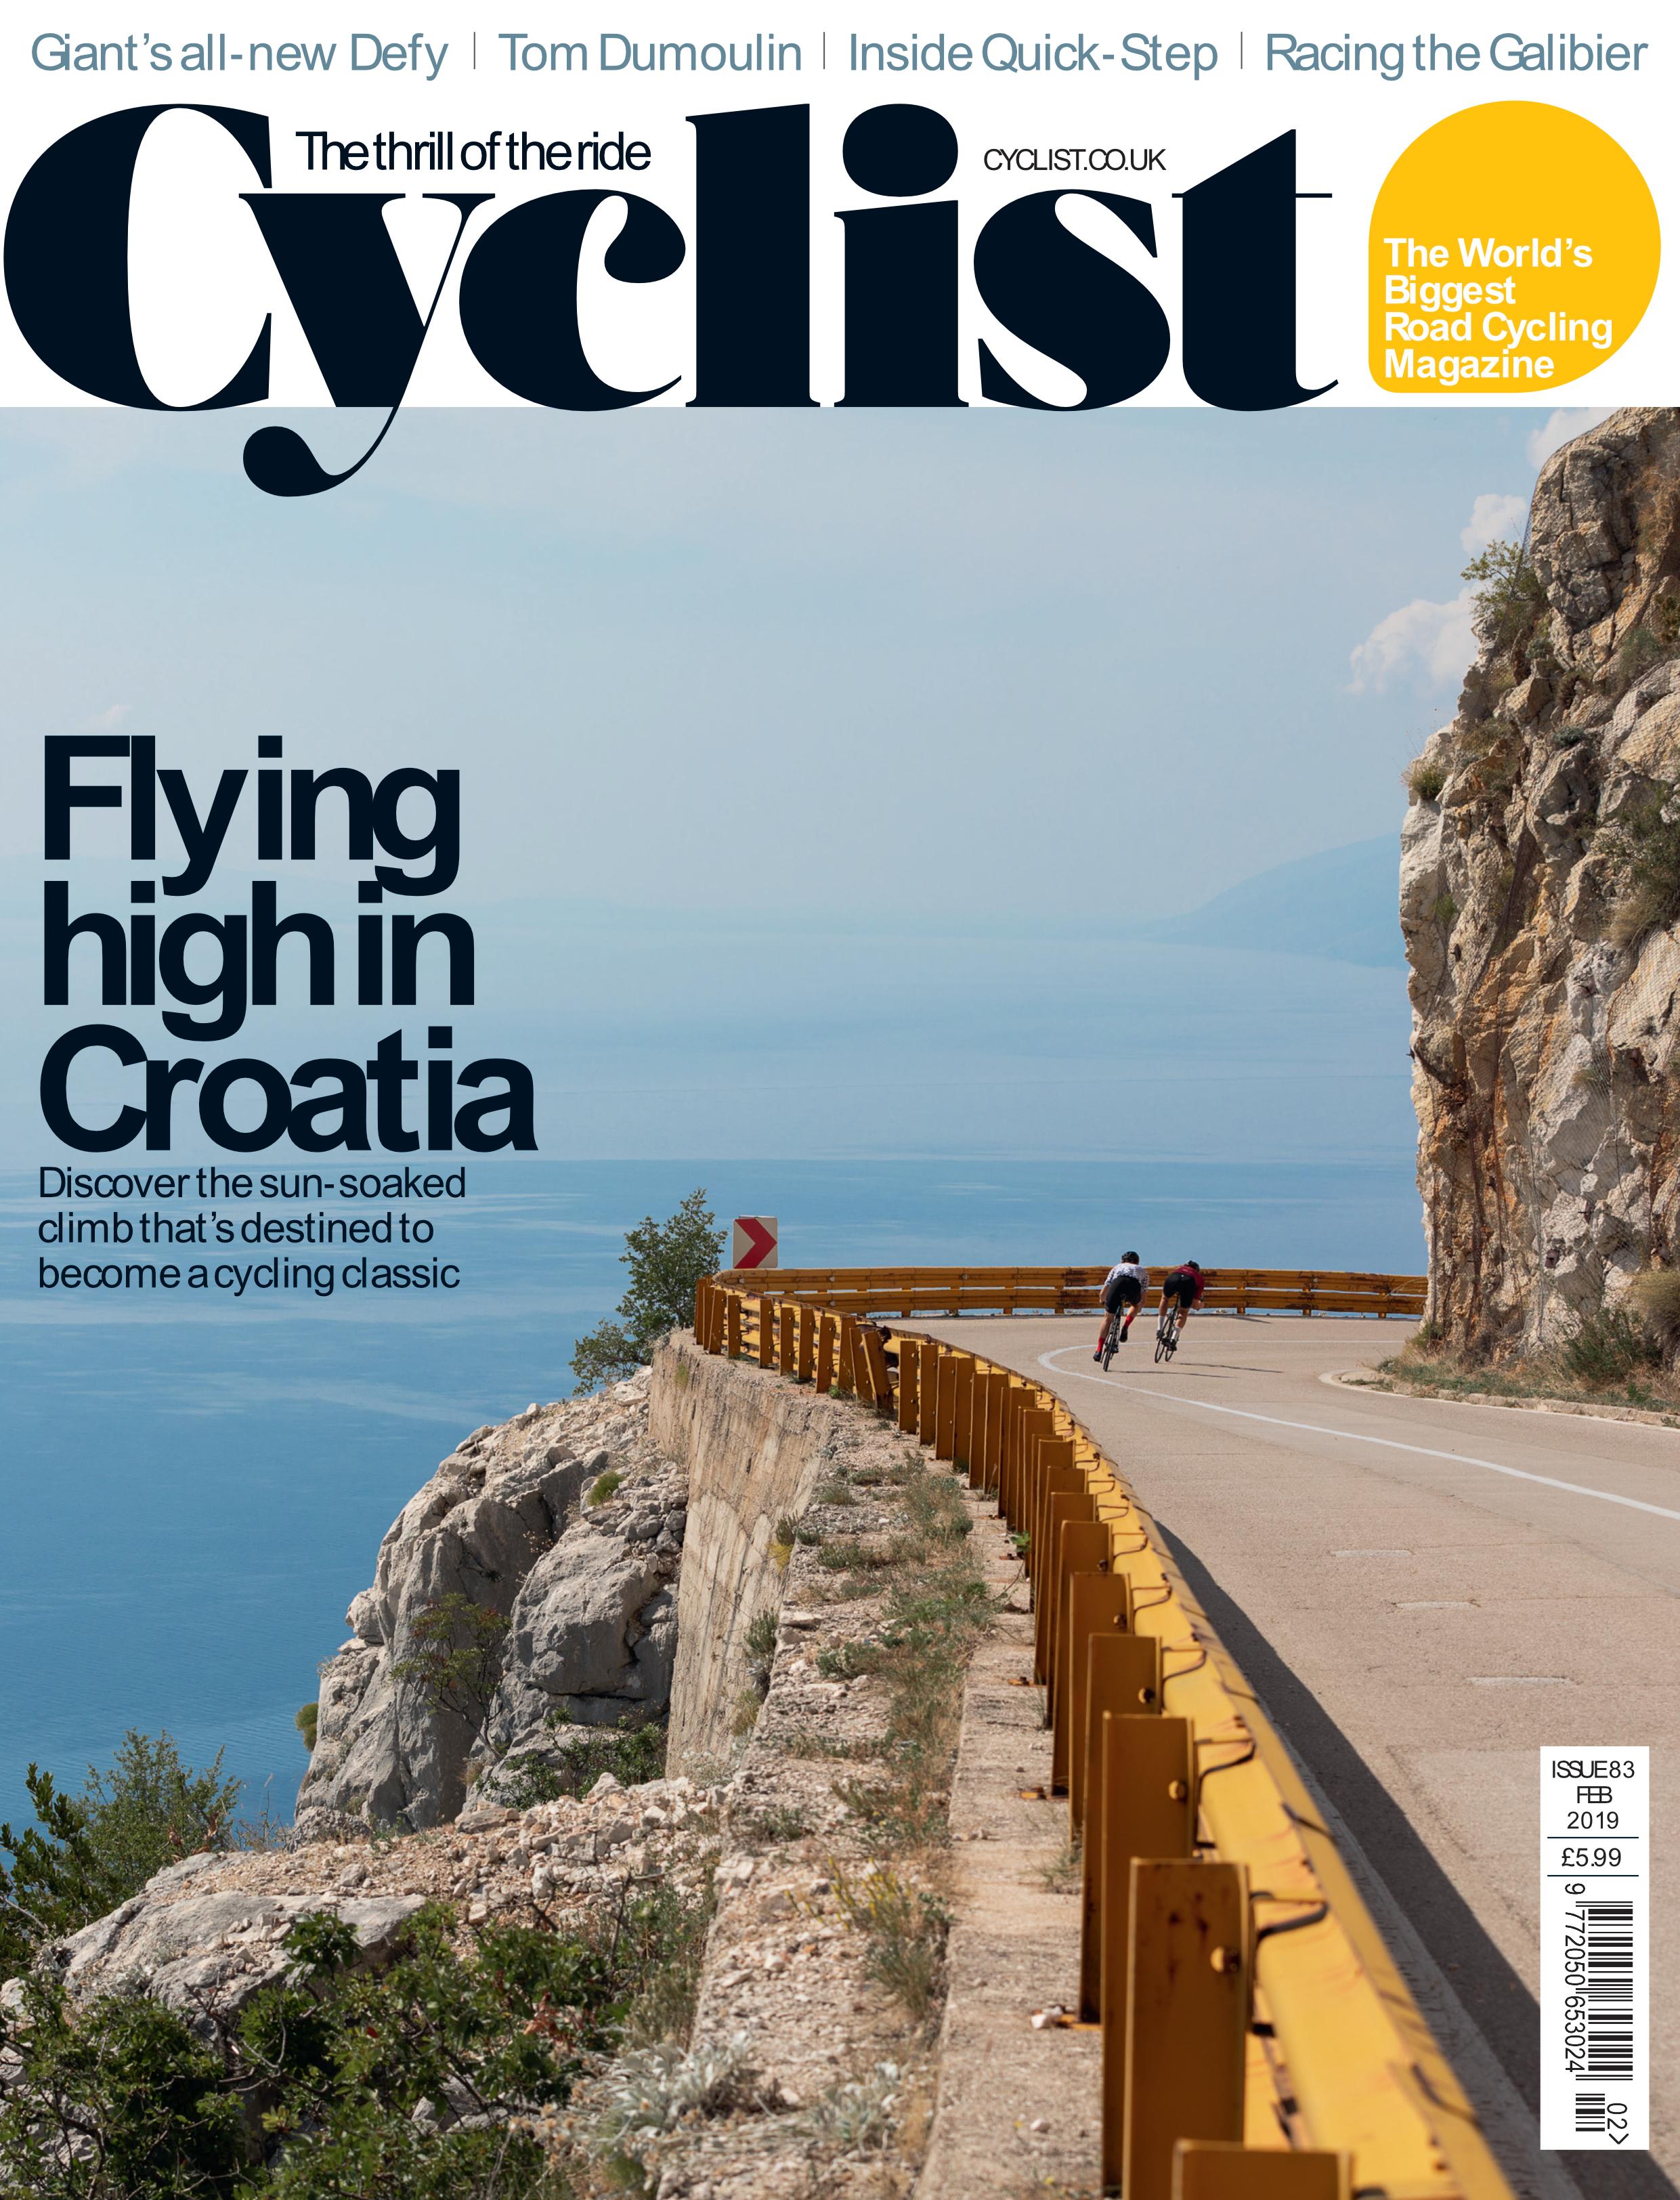 BenReadPhotography_CyclistMagazine_Croatia-Cover-2.jpg